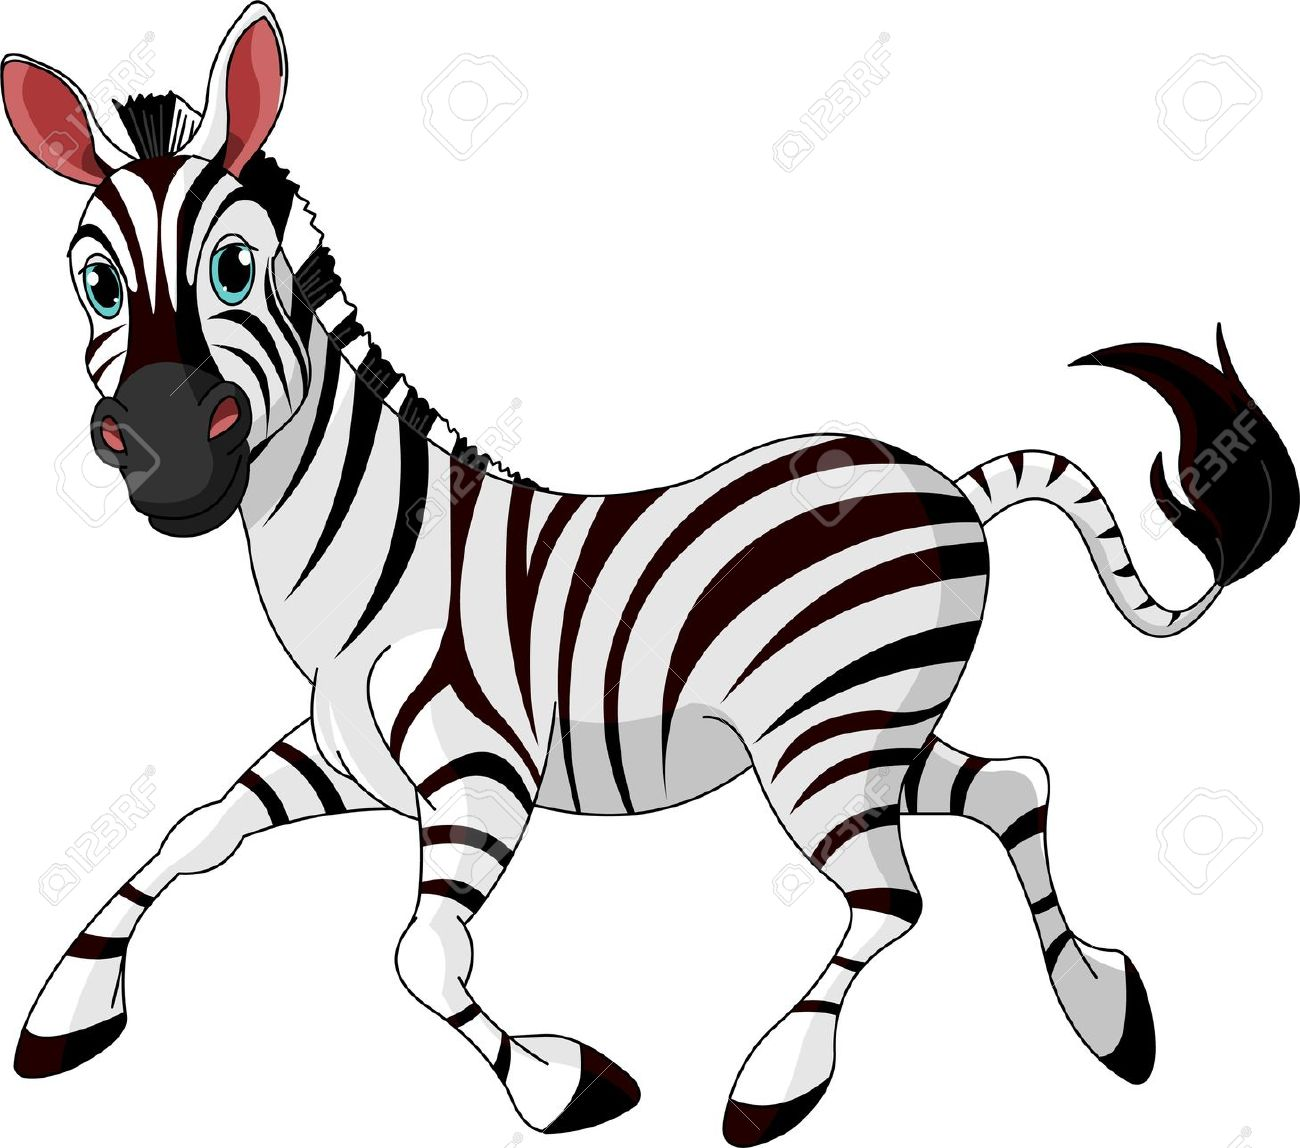 zebra clipart  - Zebra Clipart